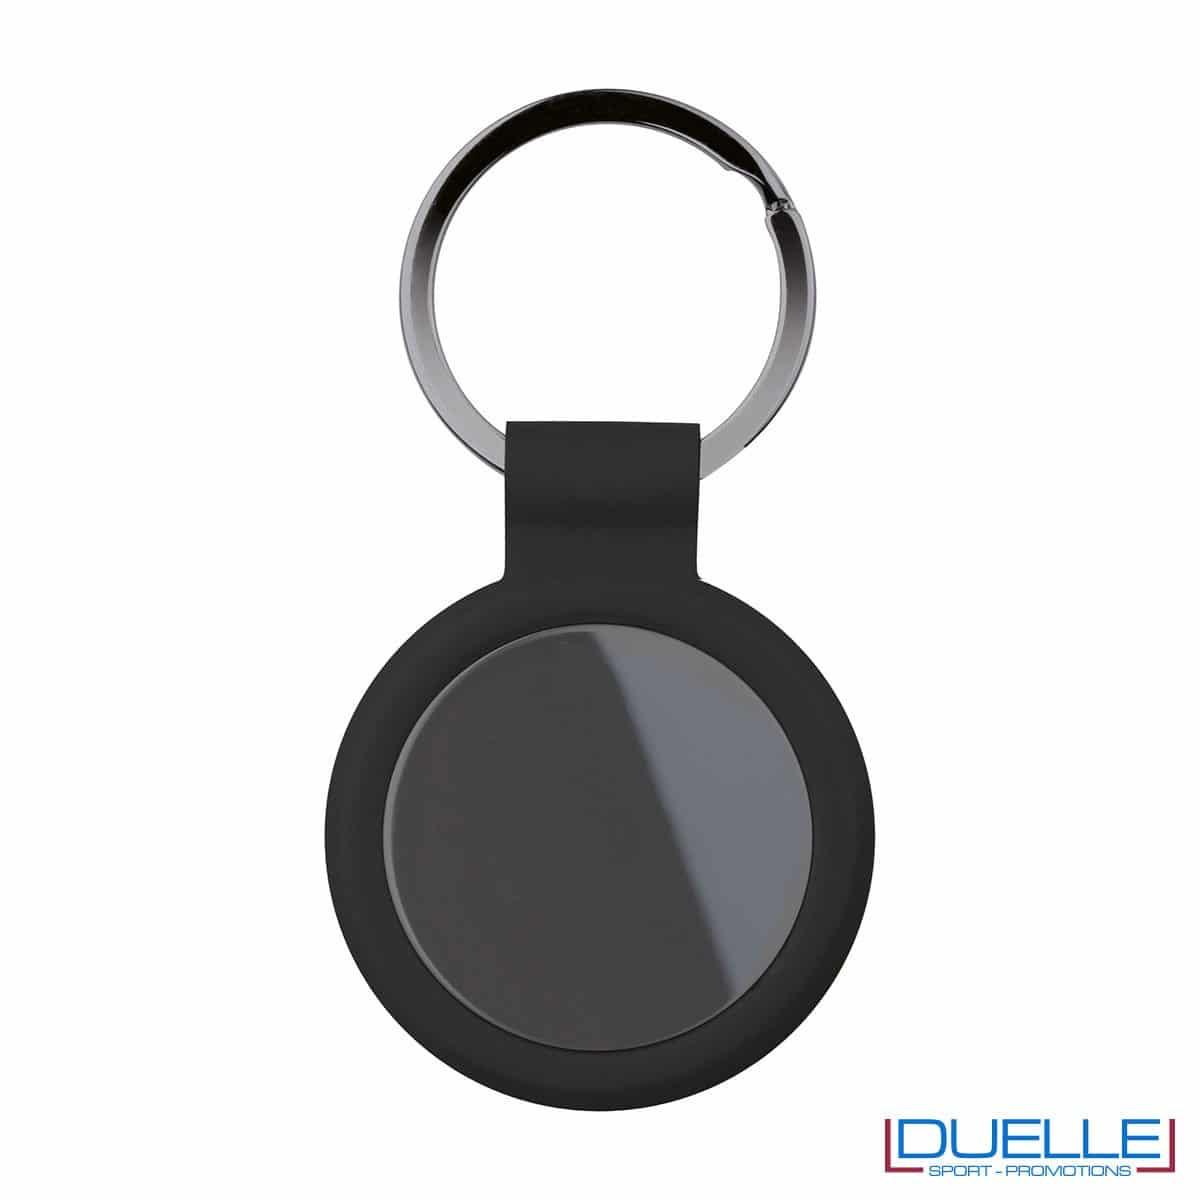 portachiavi personalizzato circolare in metallo gun metal con profilo nero